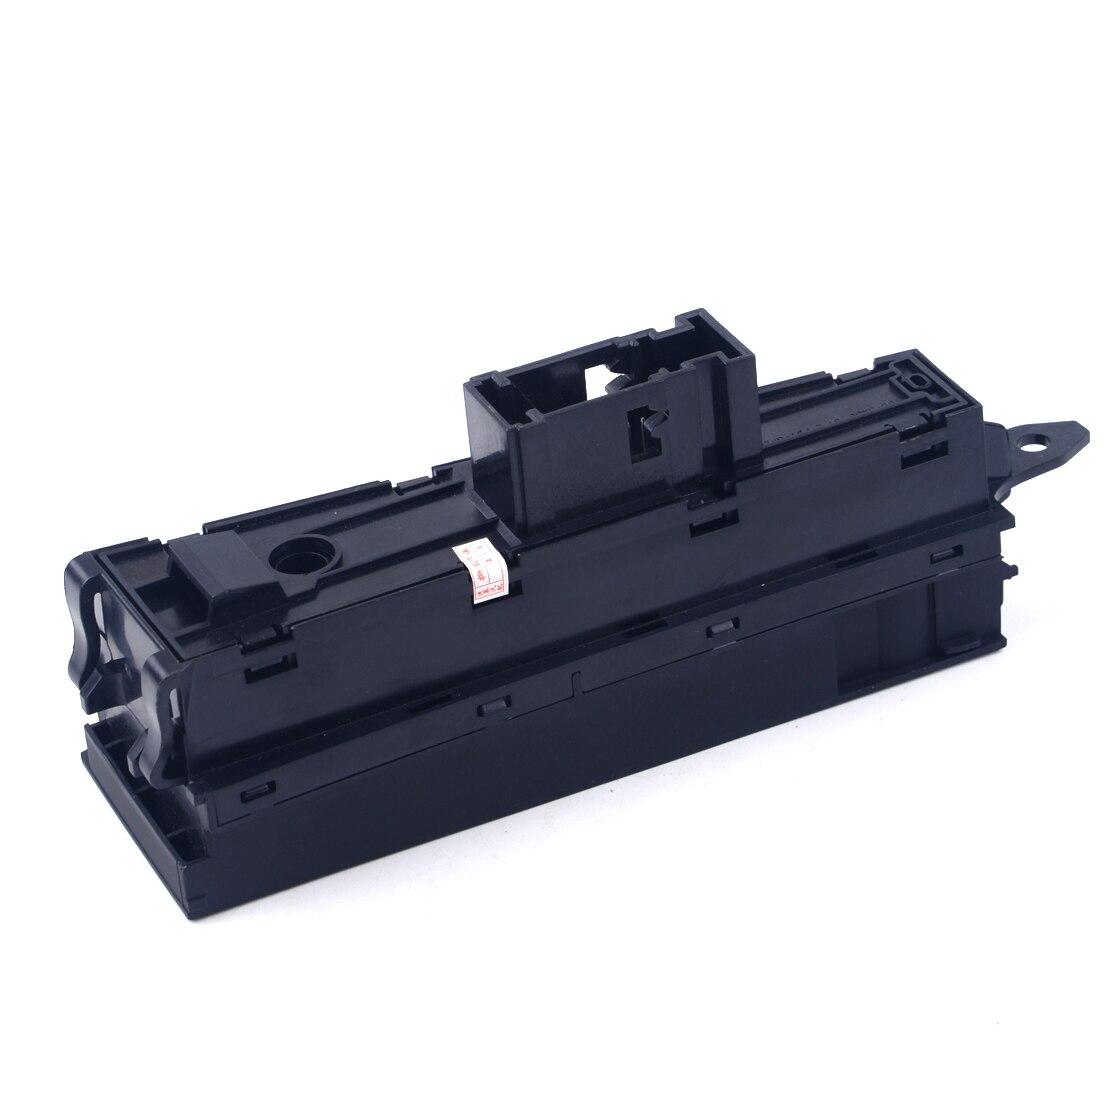 LHD Console Switch Start Stop ESP EBP AUTO HOLD Panel Fit VW Passat-EU B7 CC